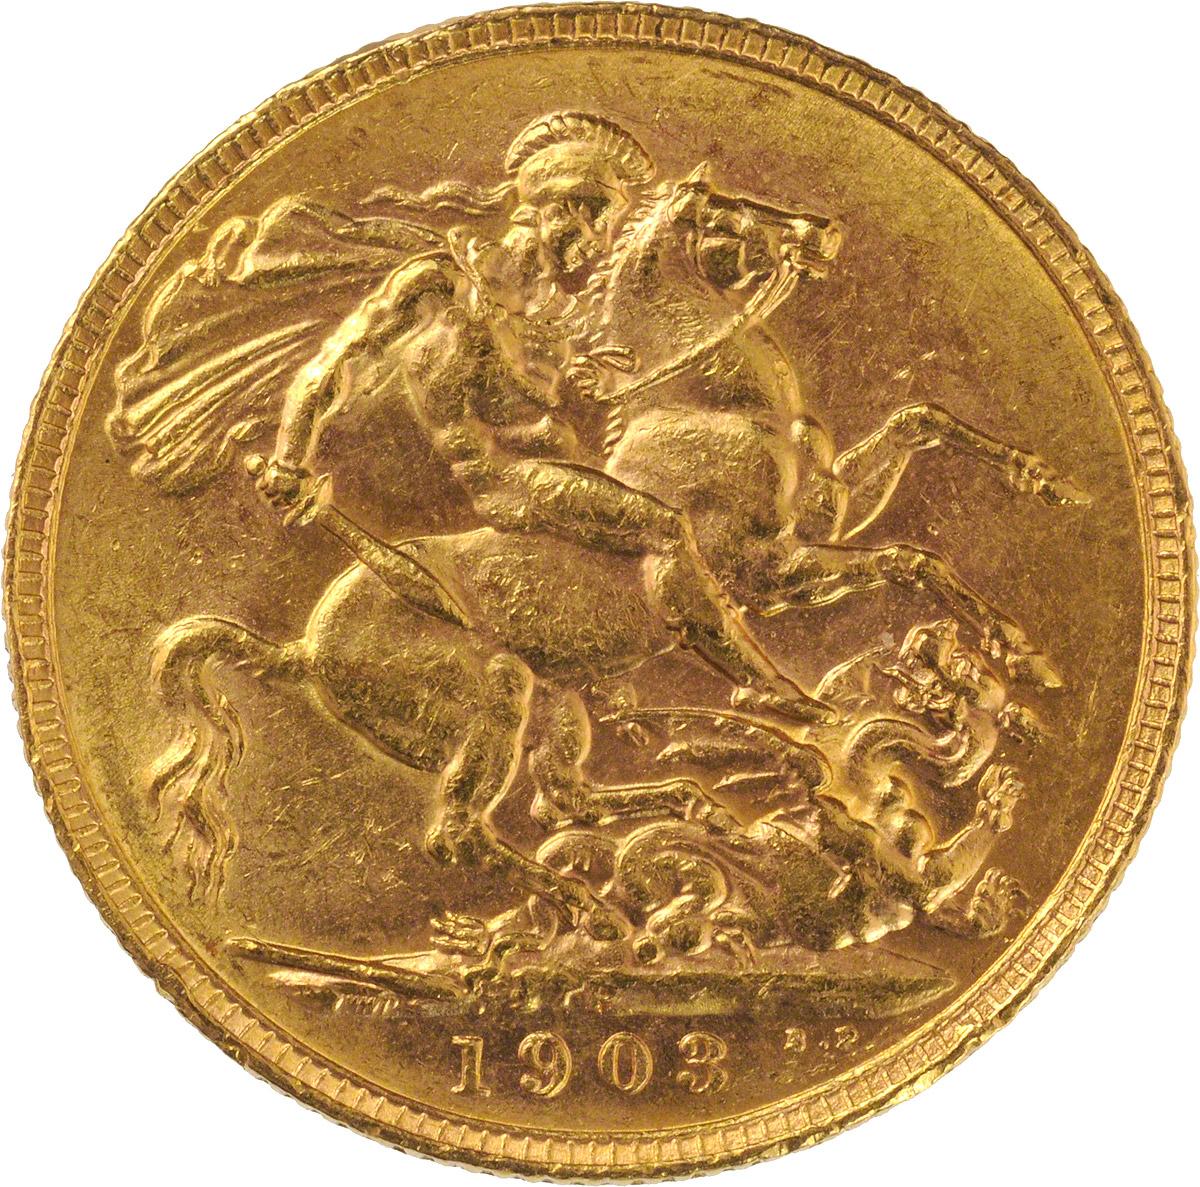 1903 Εδουάρδος Ζ' (Νομισματοκοπείο Περθ)